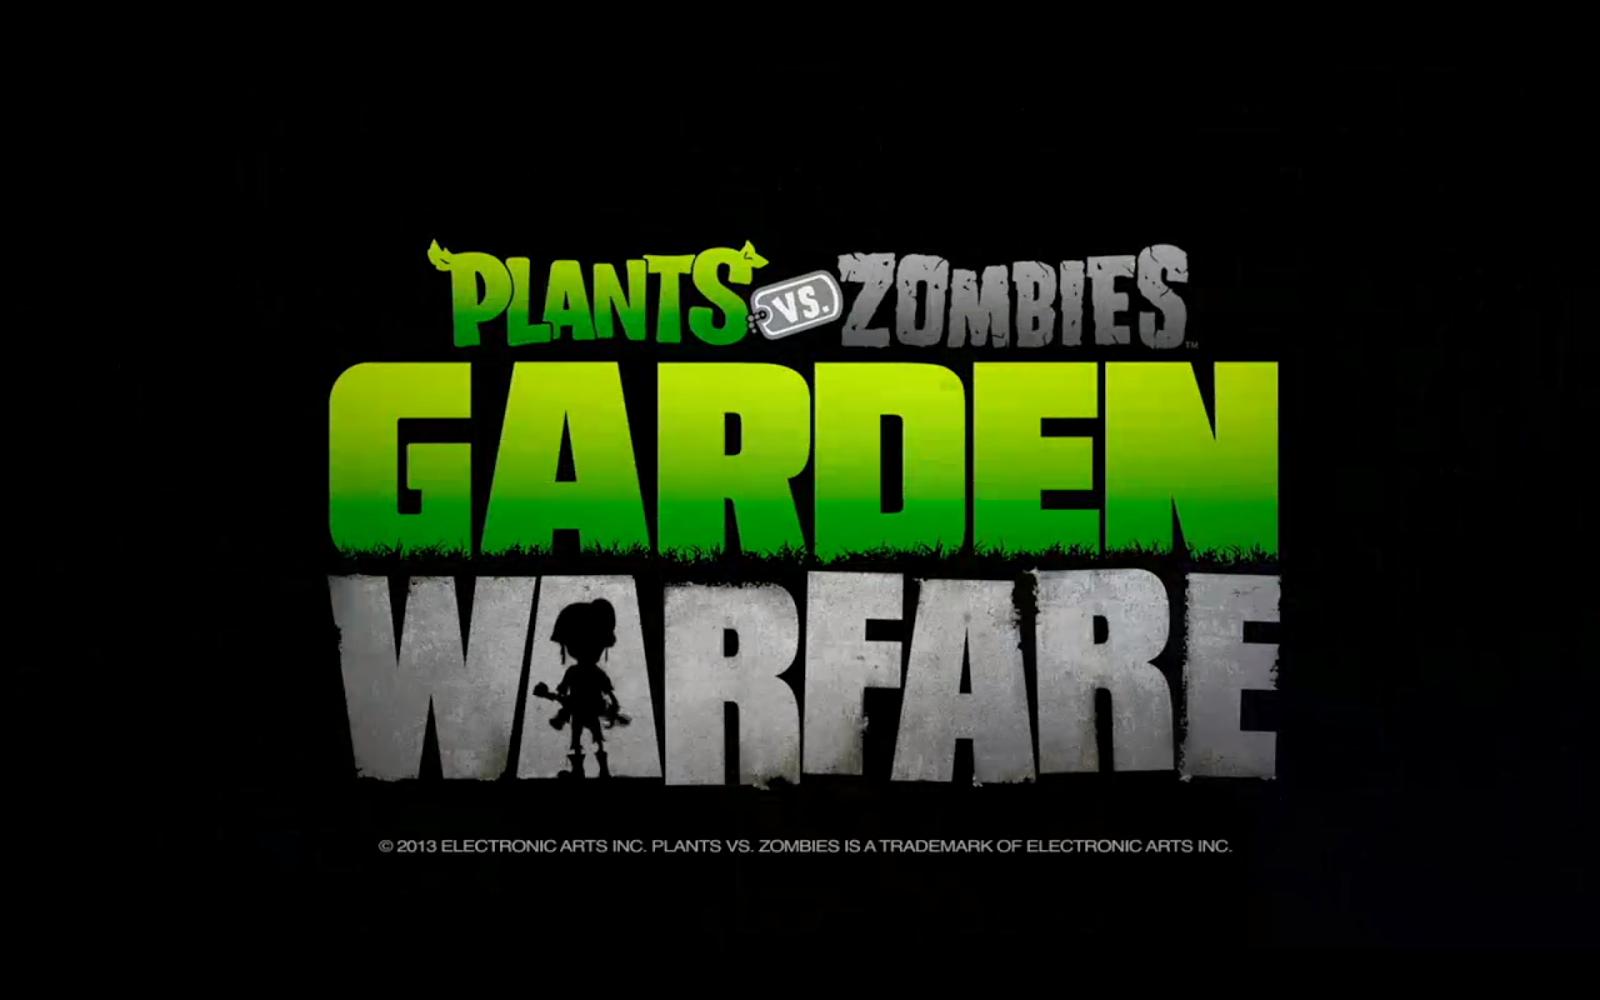 Wallpapersku Plants Vs Zombies Garden Warfare Wallpapers